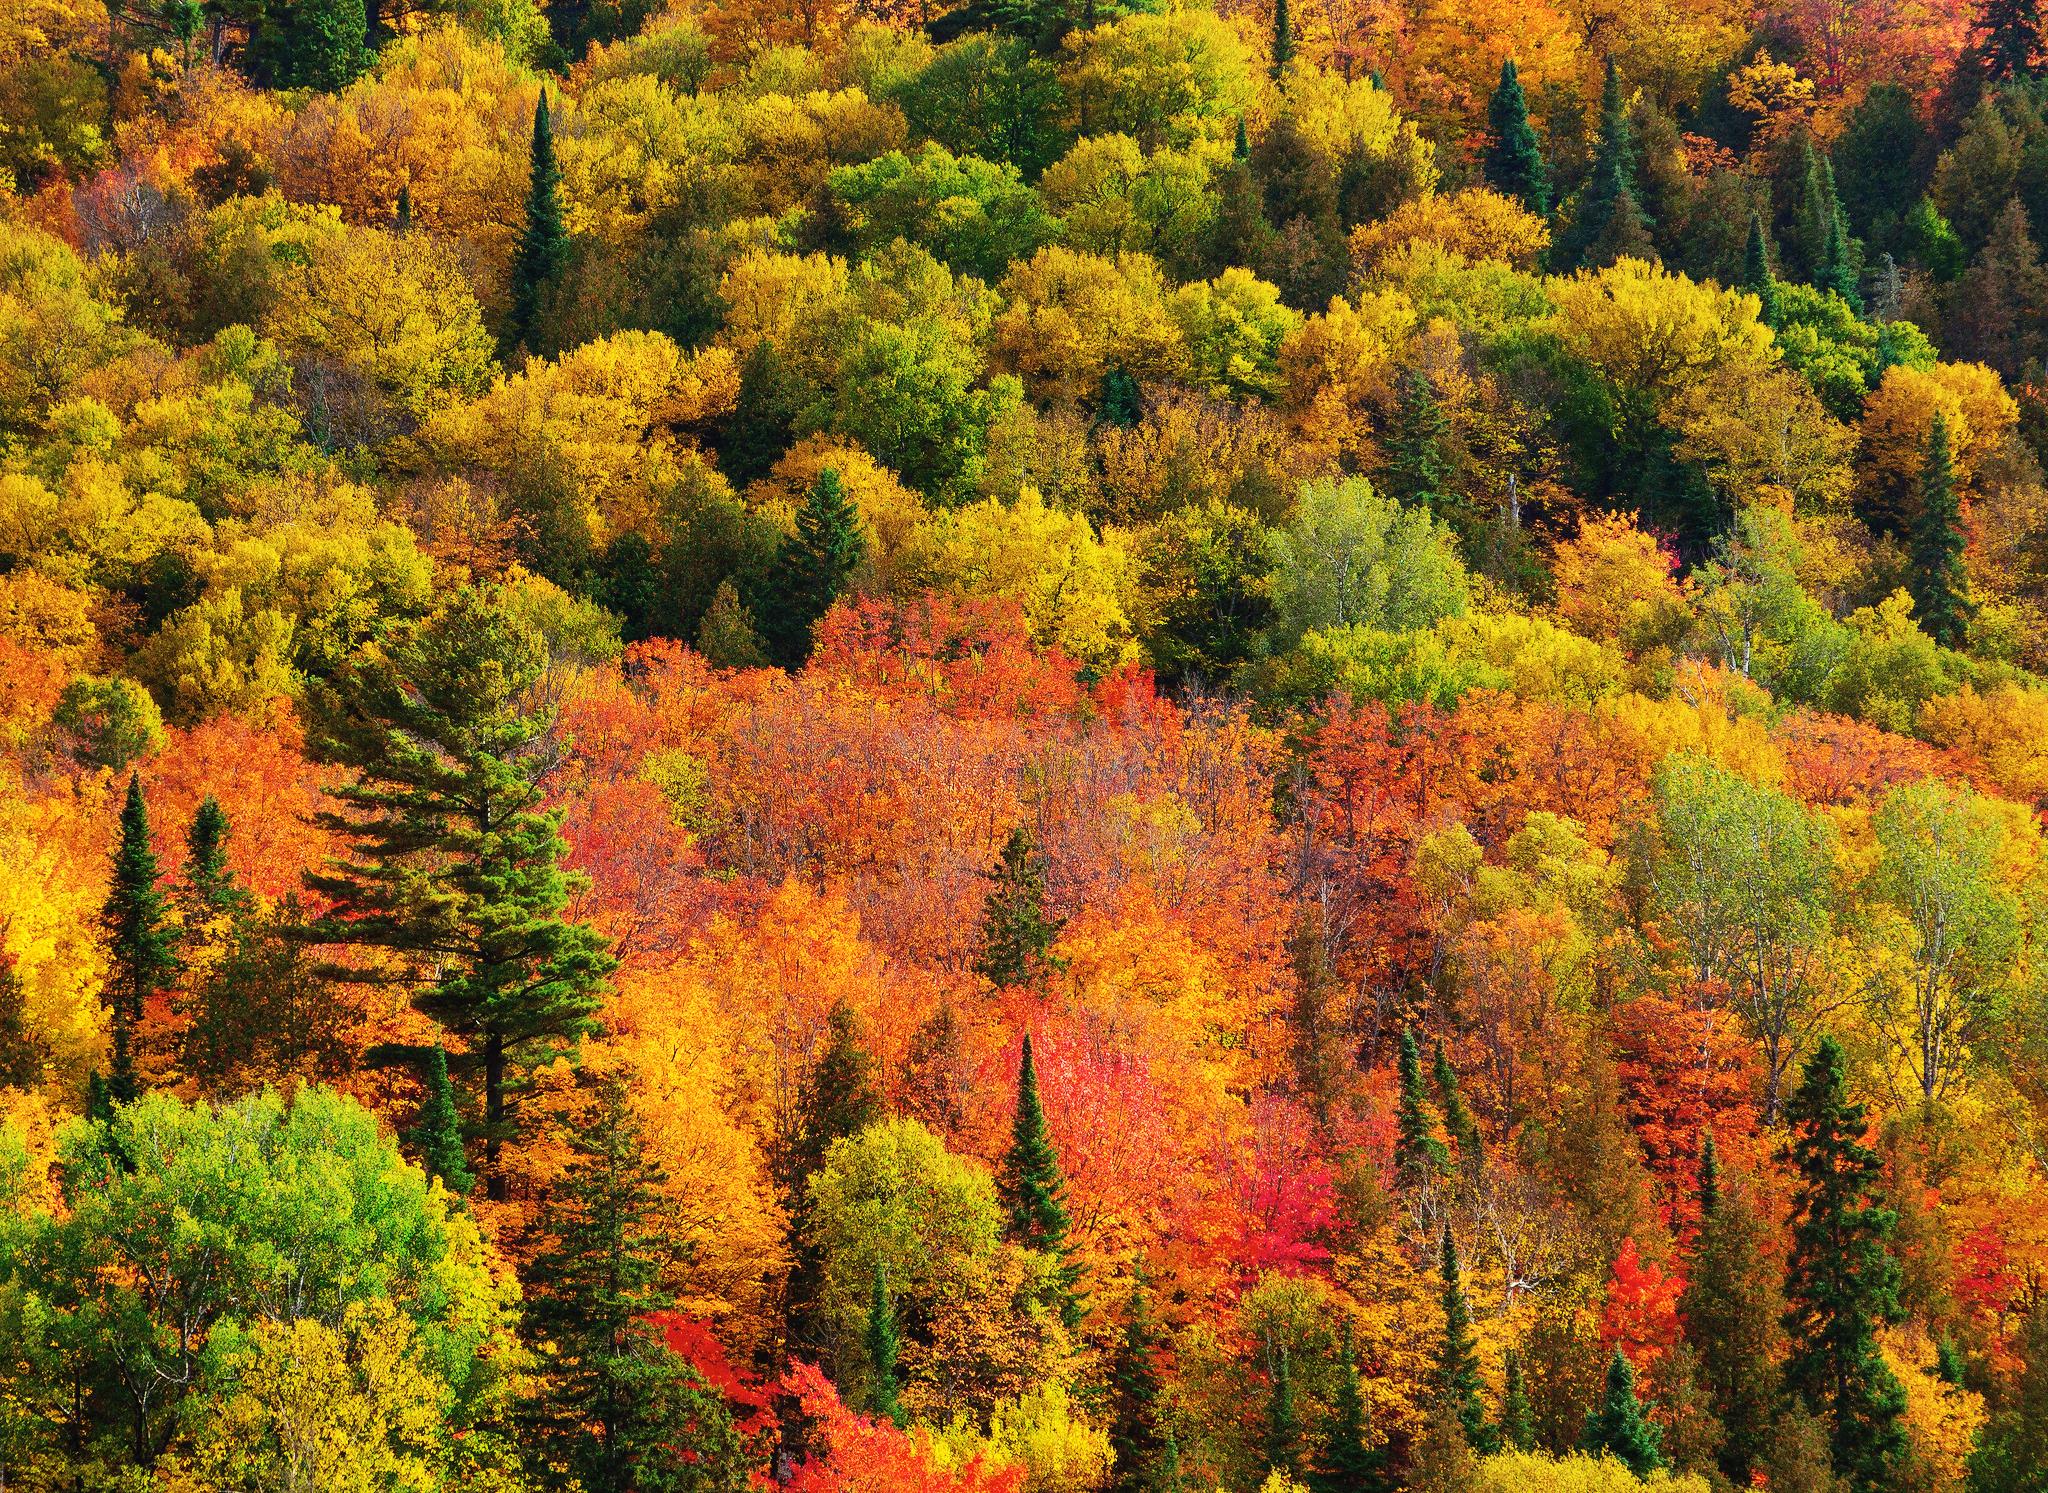 красота осеннего леса фото знали пустом